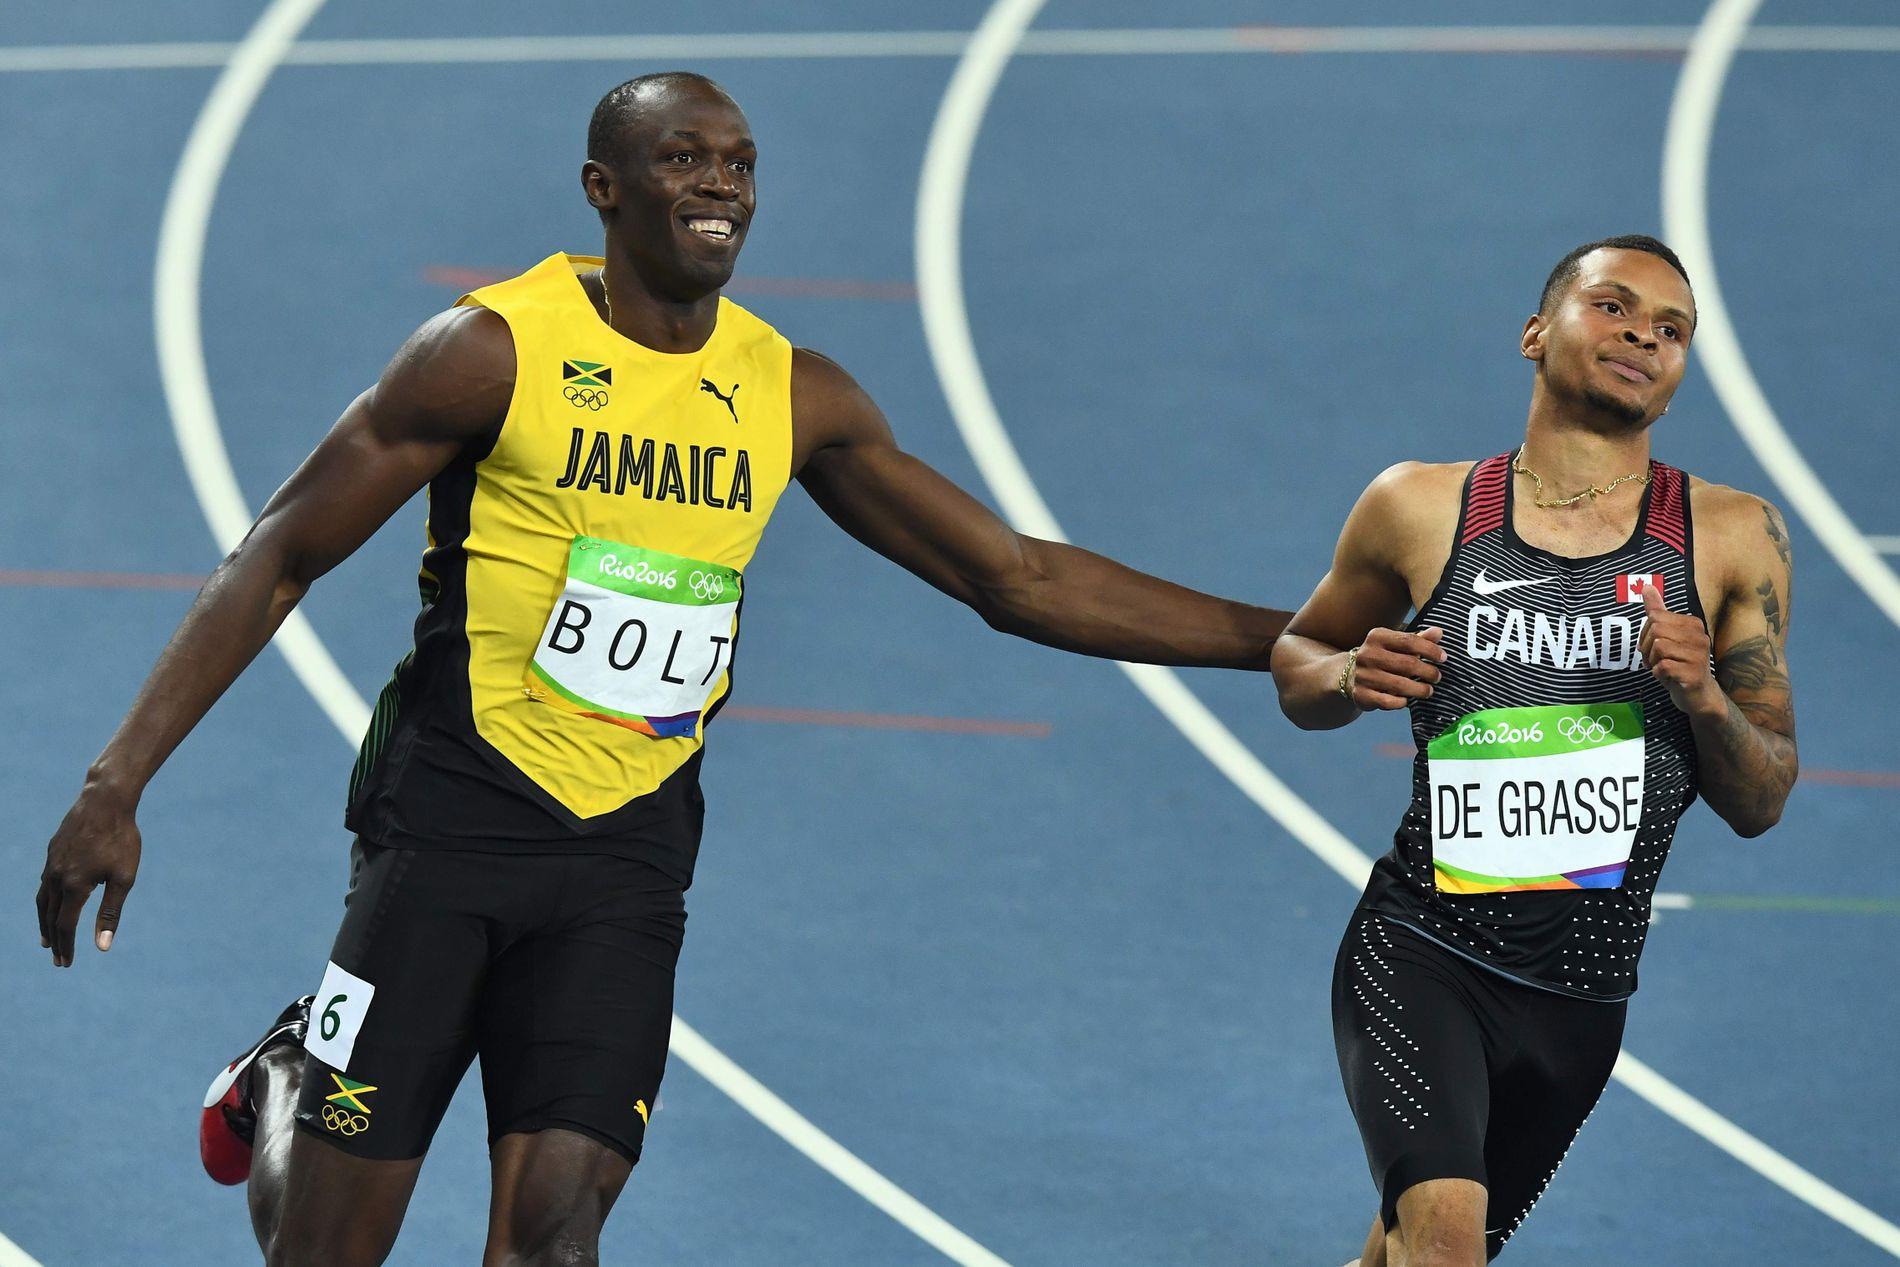 GLISENDE: Det var lekende lett for Usain Bolt i semifinalen. Her sammen med Canadas Andre De Grasse.